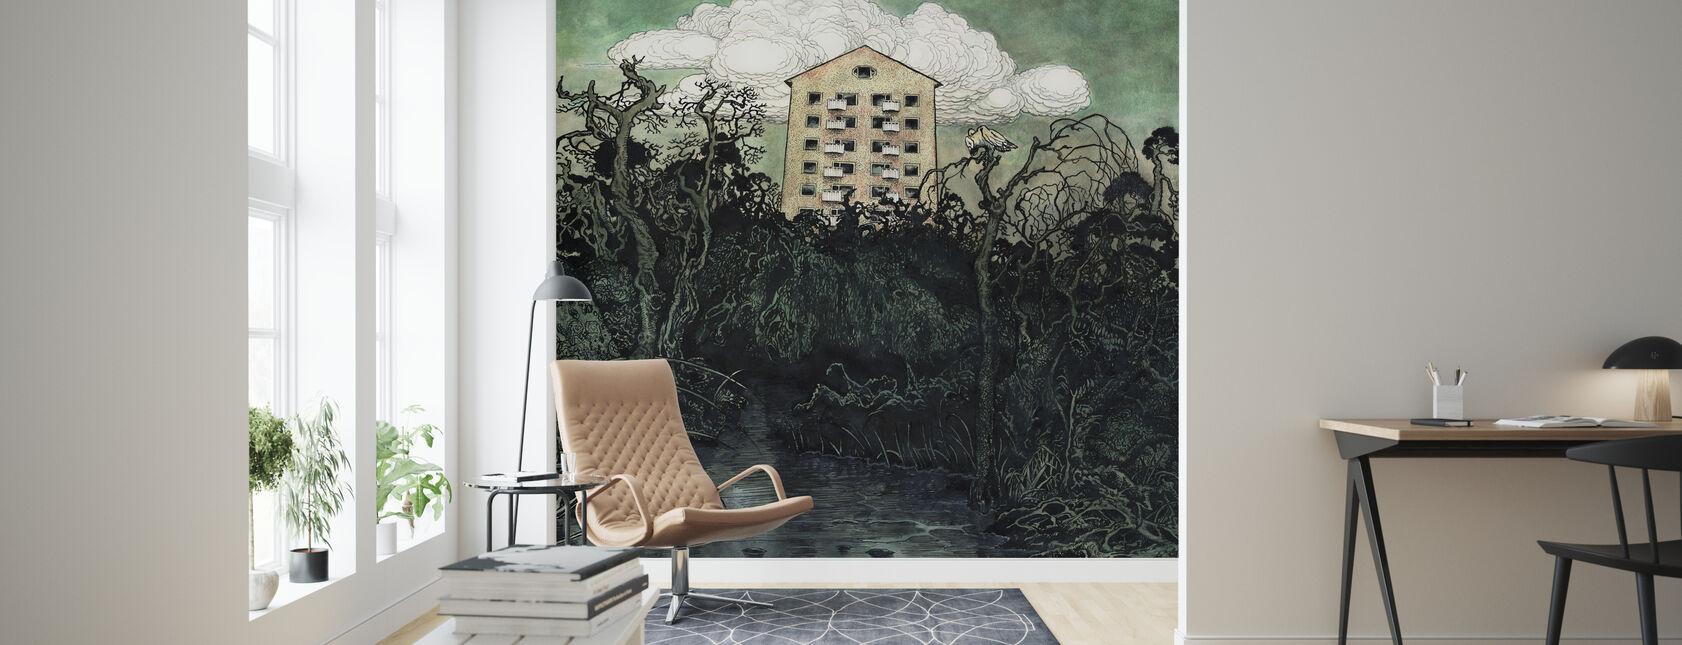 Tower Owl - Wallpaper - Living Room